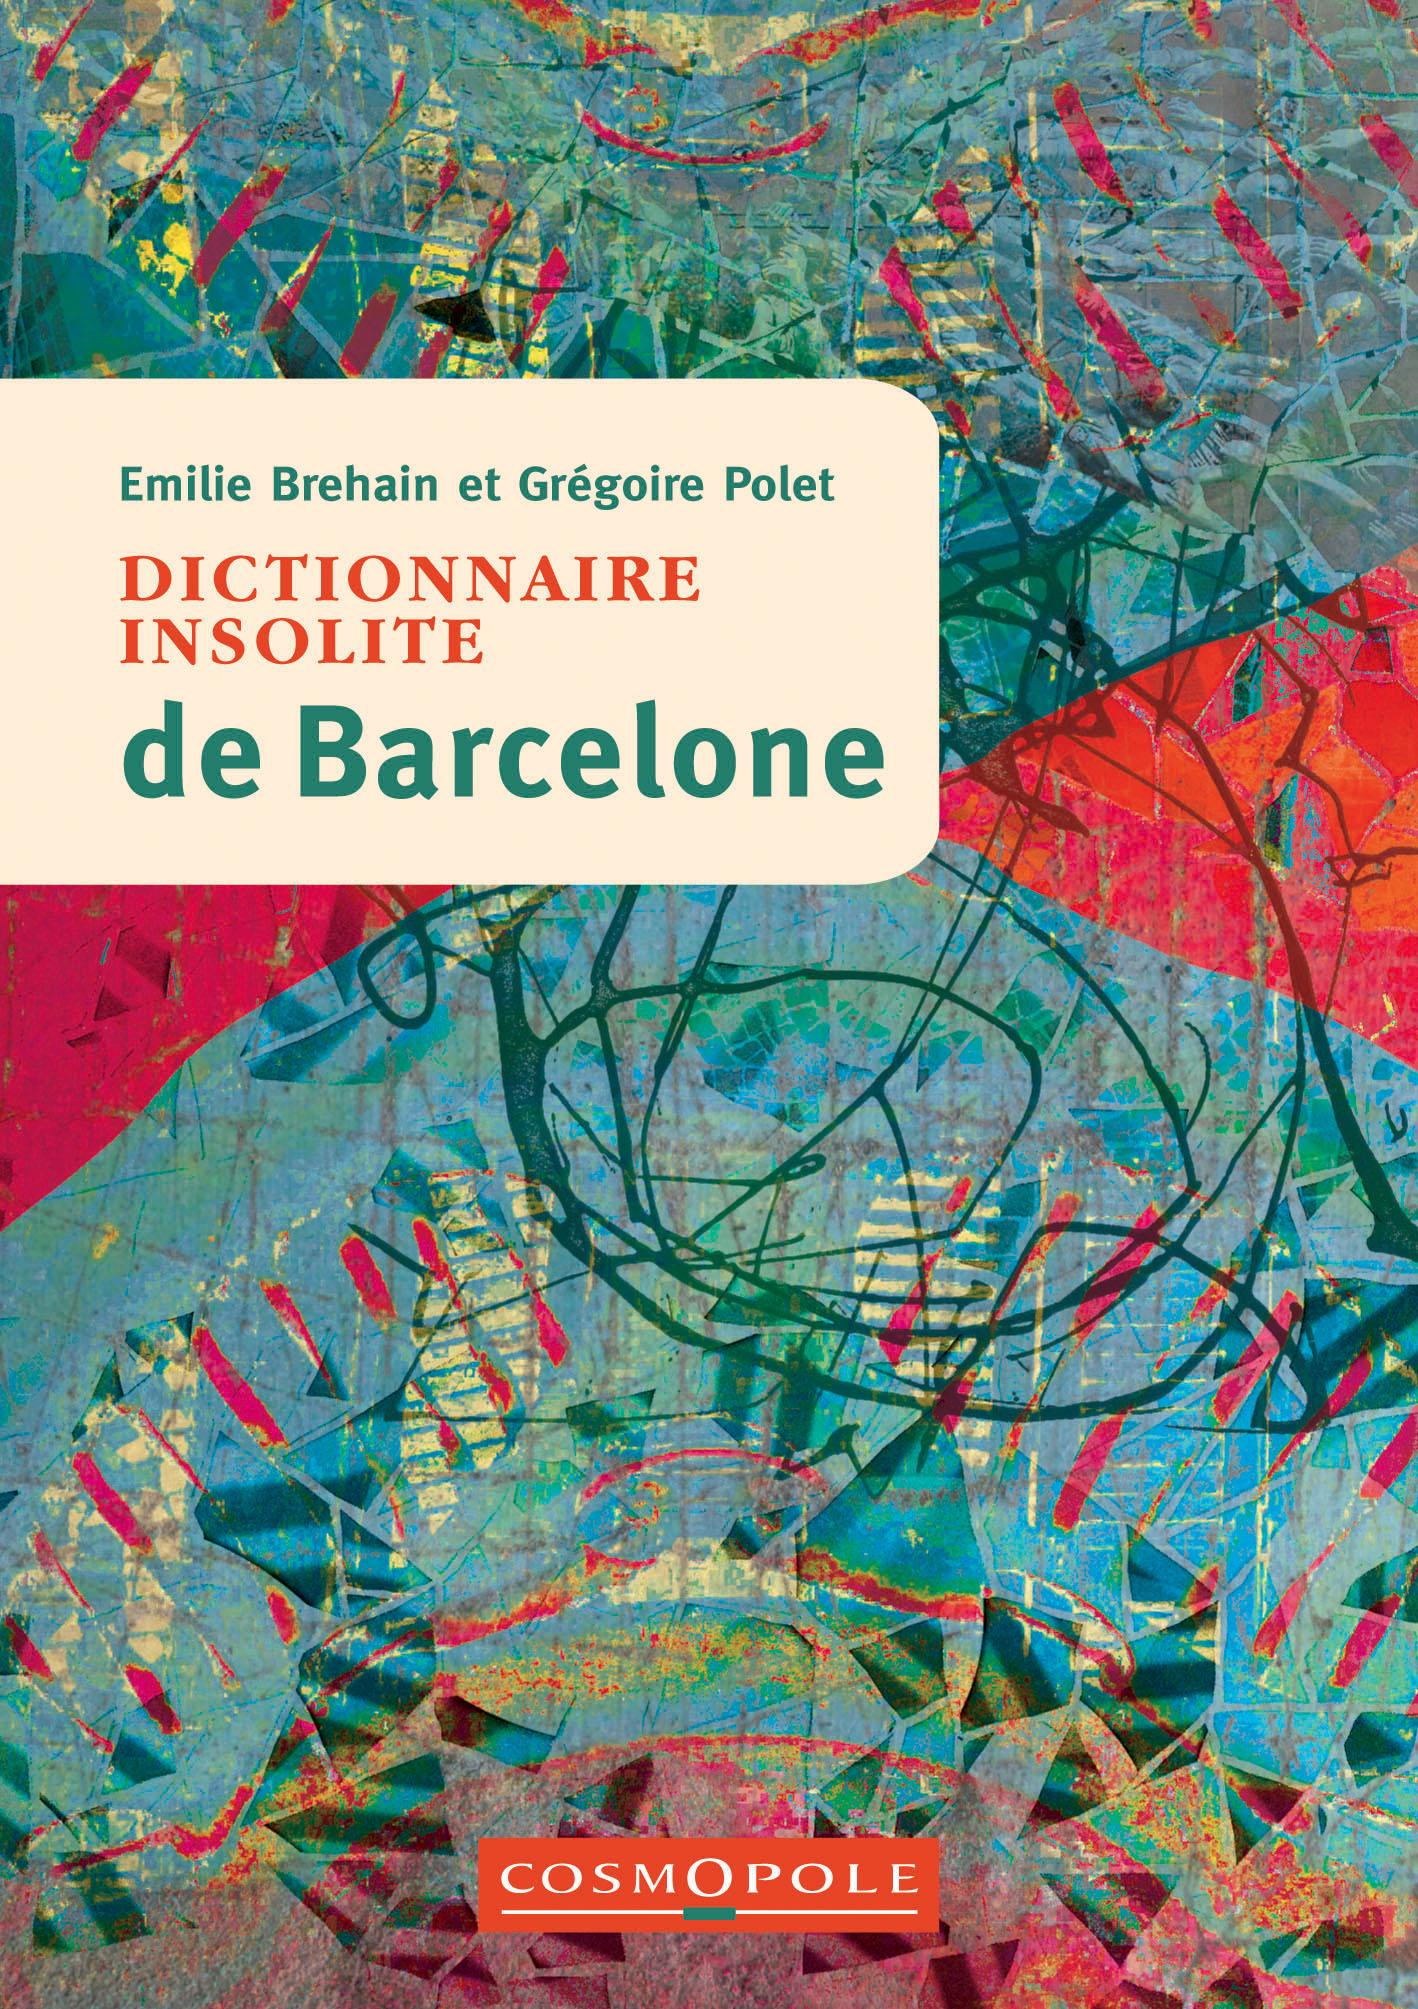 Dictionnaire insolite de Barcelone